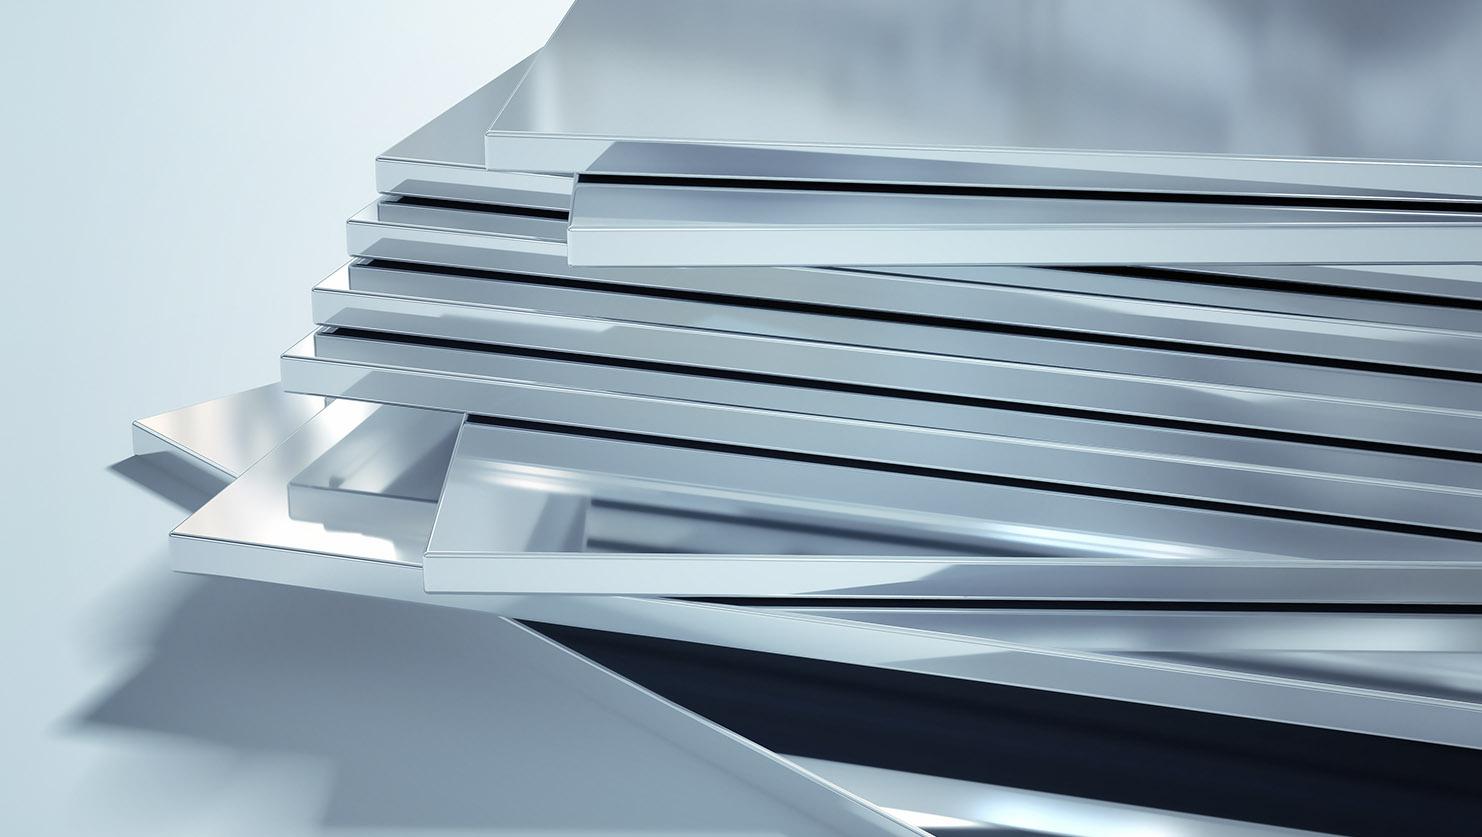 aluminumplate